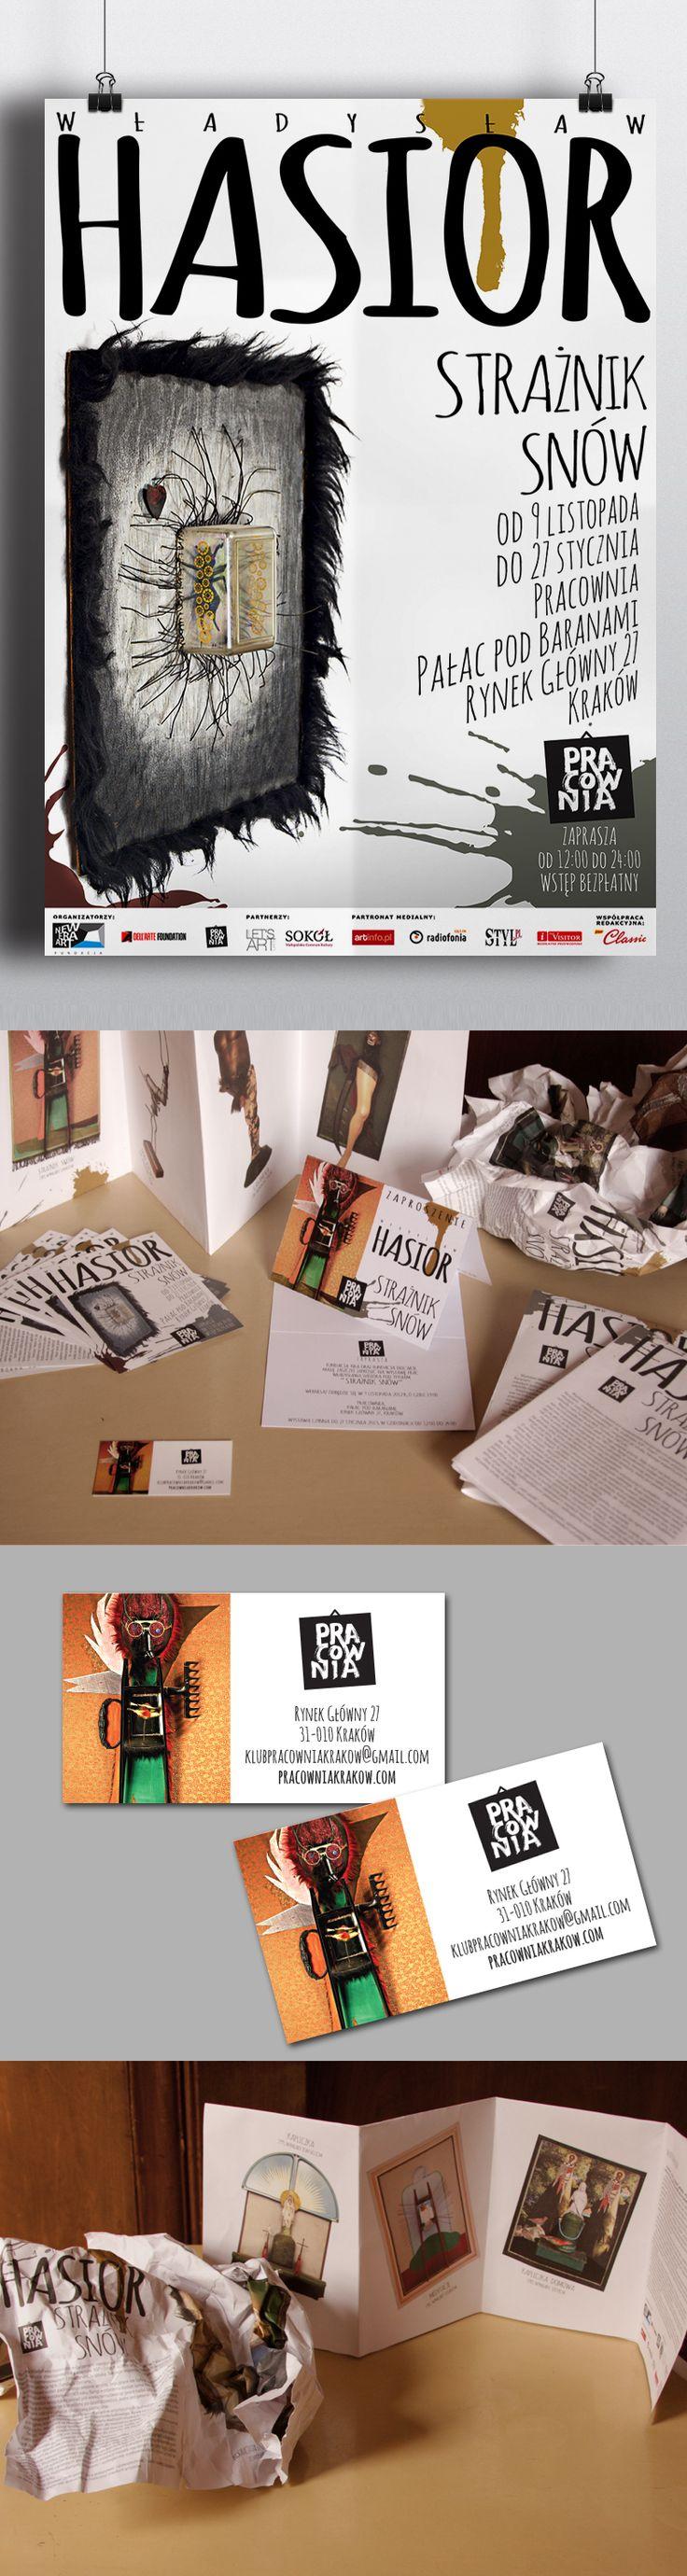 Zestaw materiałów promujących wystawę prac Władysława Hasiora w Piwnicy pod Baranami. Projekt obejmował przygotowanie plakatu, zaproszeń, ulotek, wizytówek, tablic informacyjnych oraz katalogu.